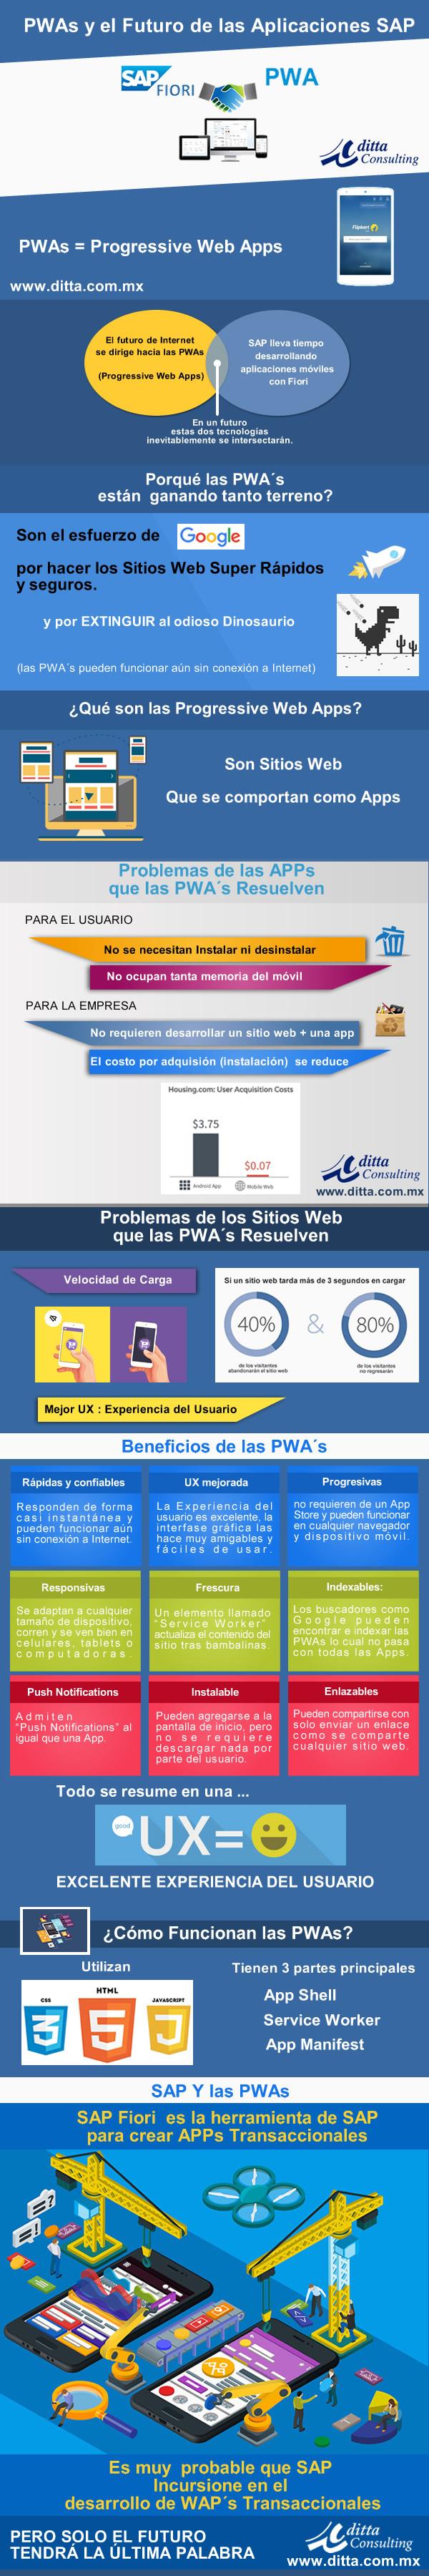 SAP y las Progressive Web Apps infografico